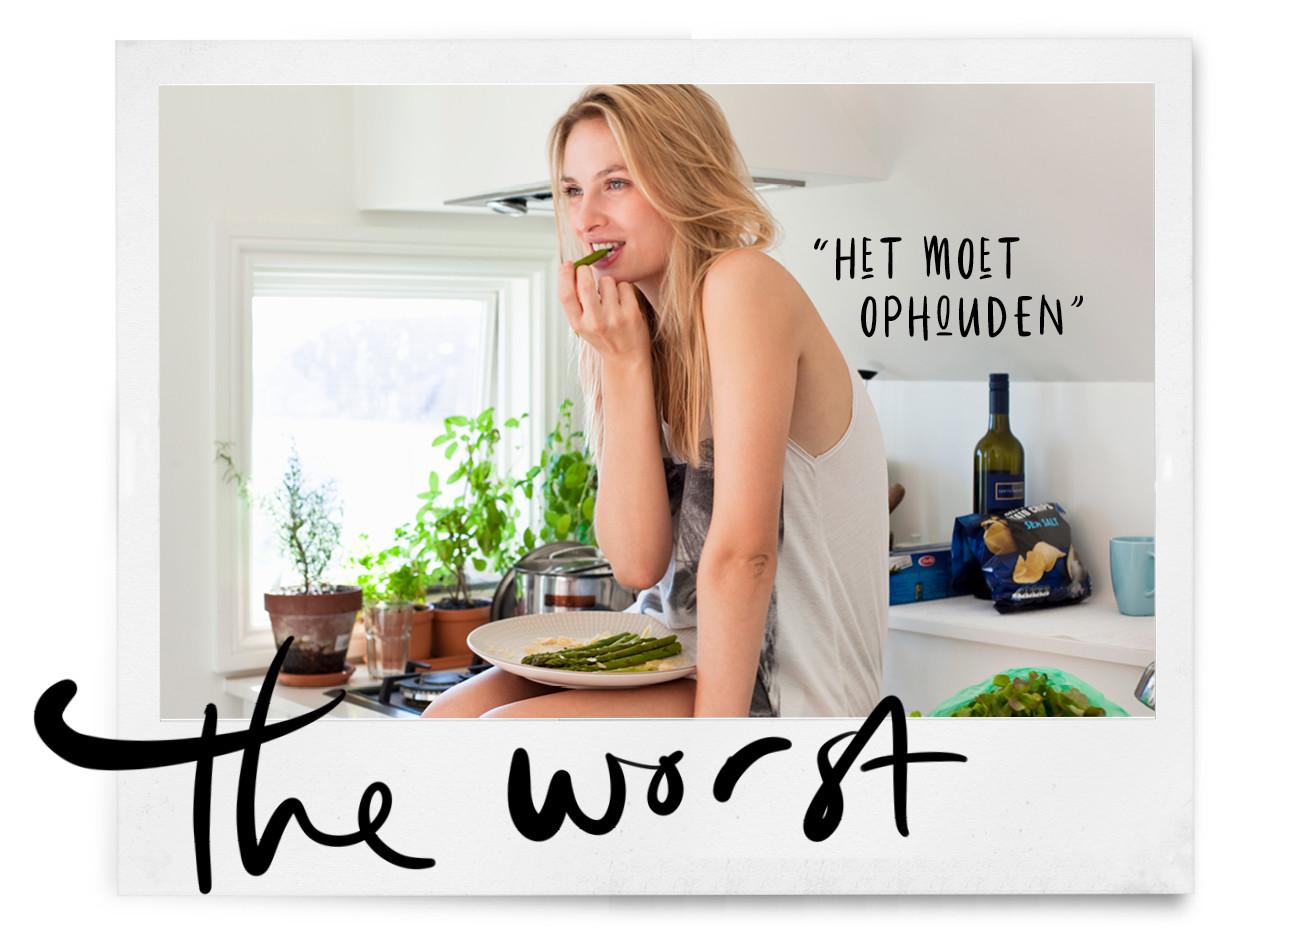 vrouw groente eten in de keuken